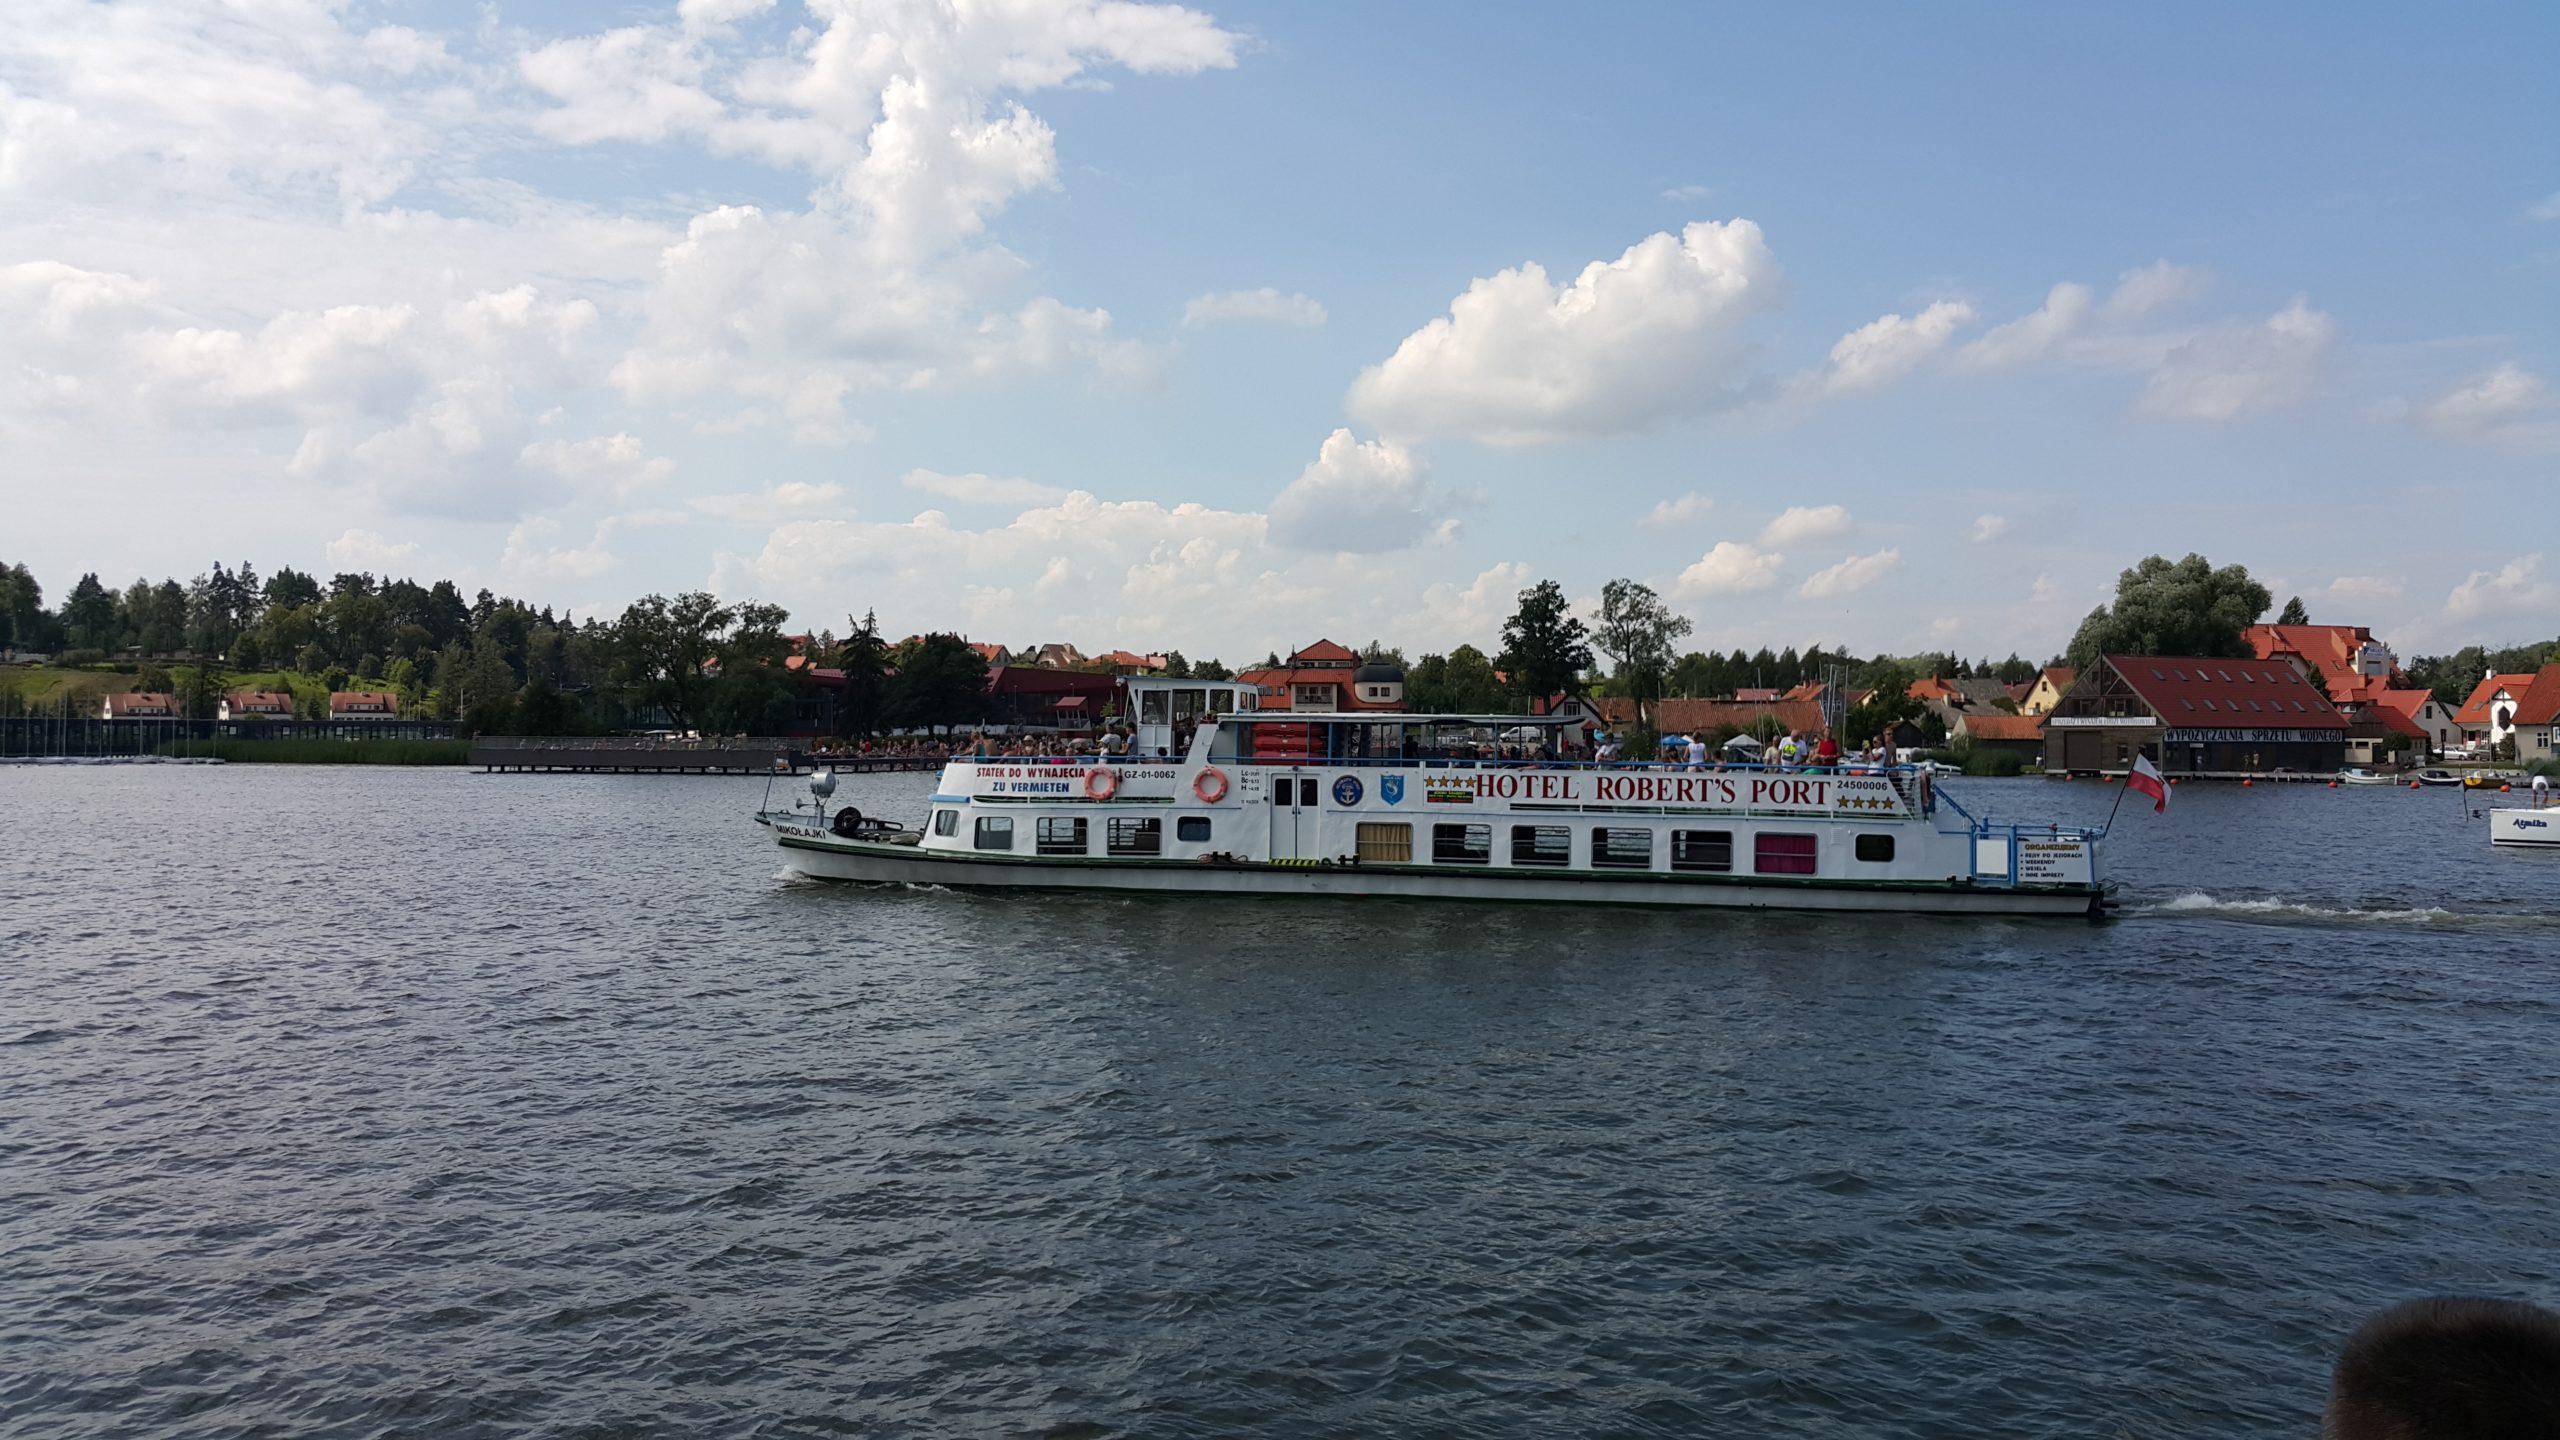 wycieczka statkiem turystycznym naJezioro Śniardwy podczas pobytu wMikołajkach